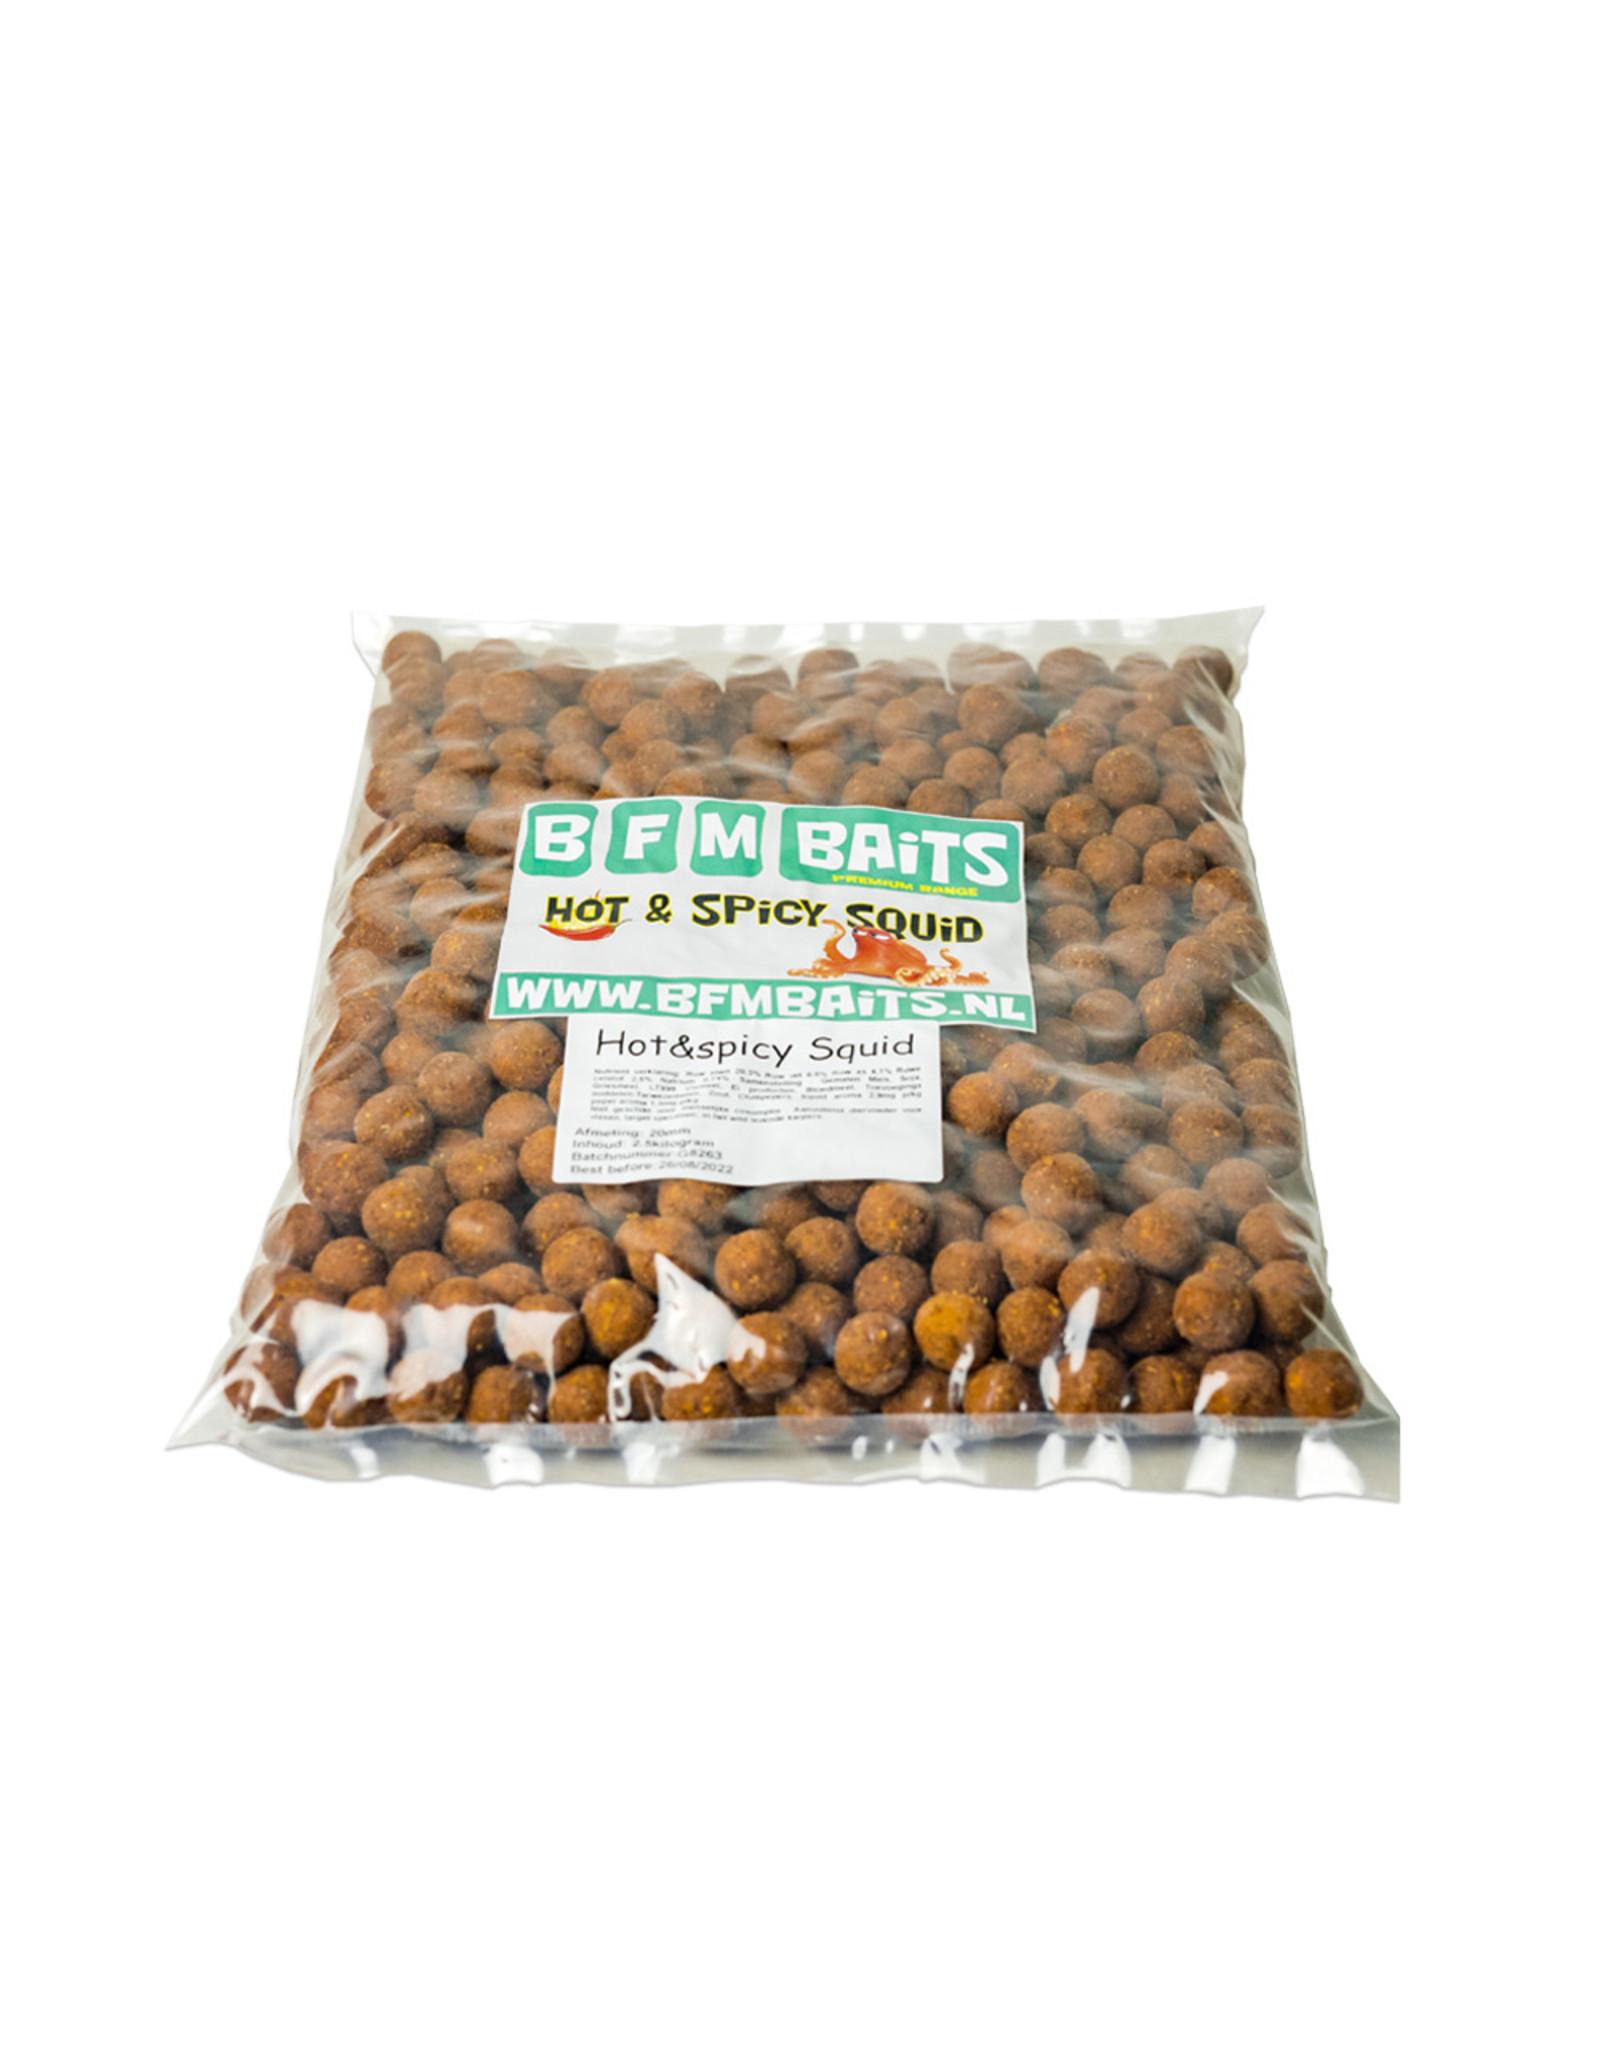 BFM Baits Hot & Spicy Squid boilies - Bulk deal